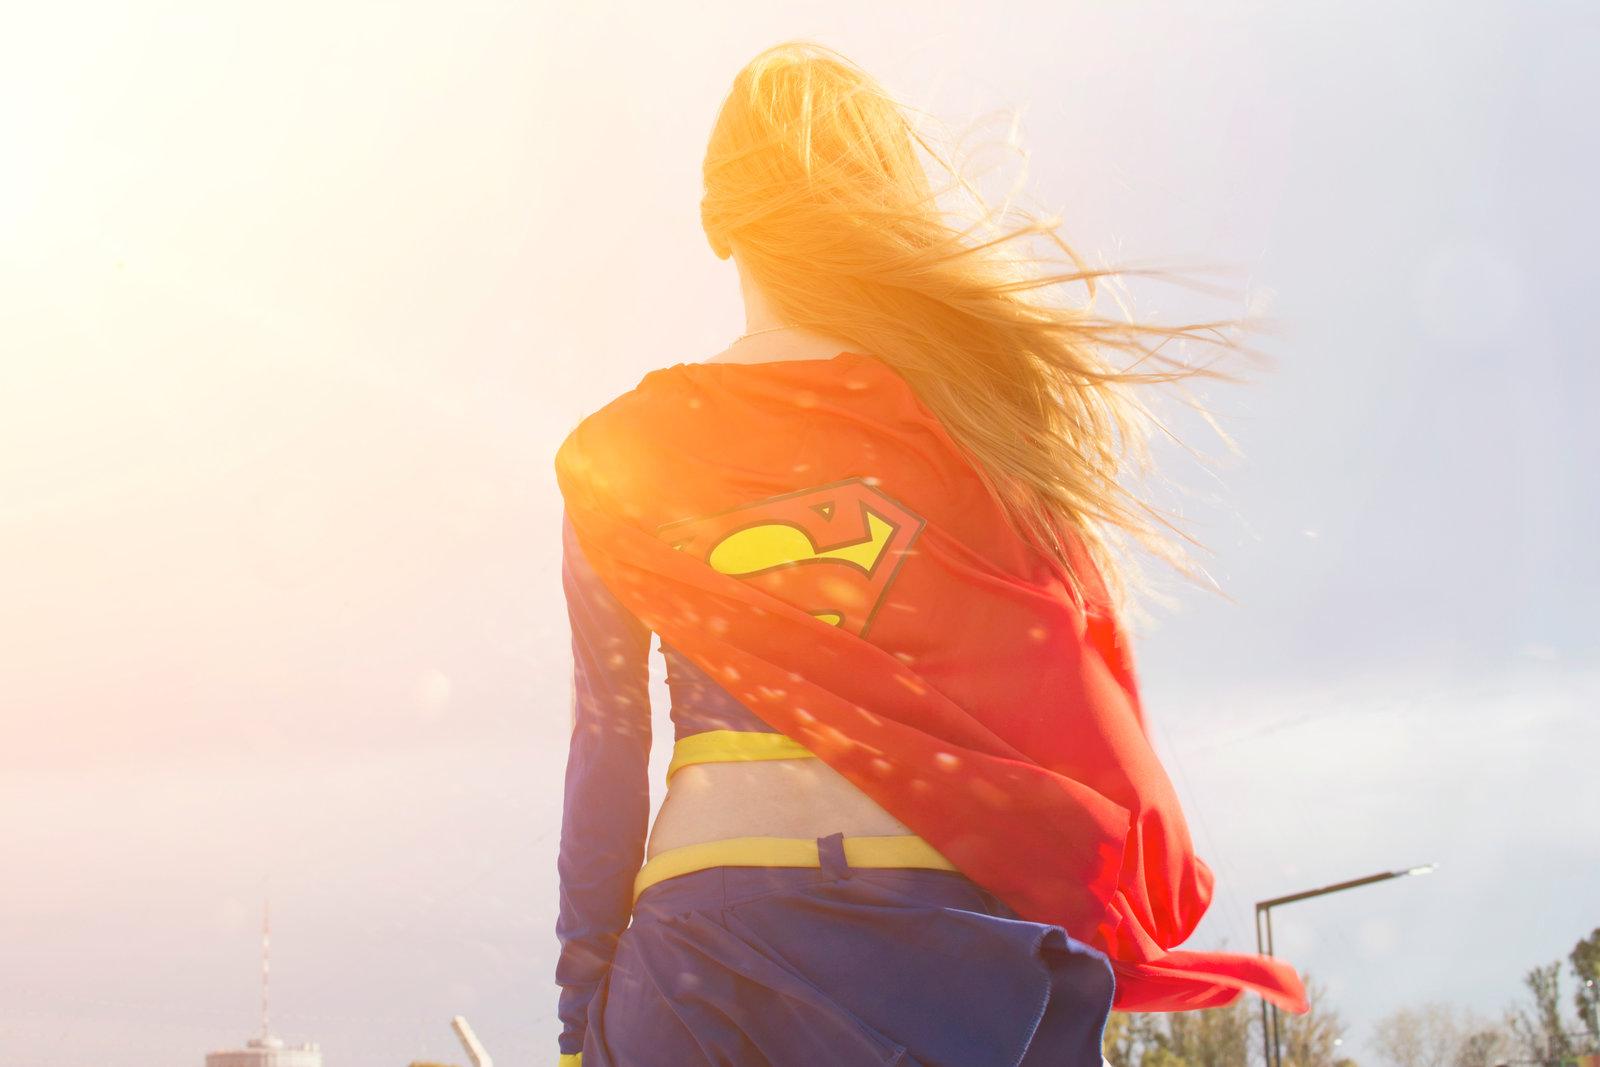 Supergirl-AgosAshford-008.jpg